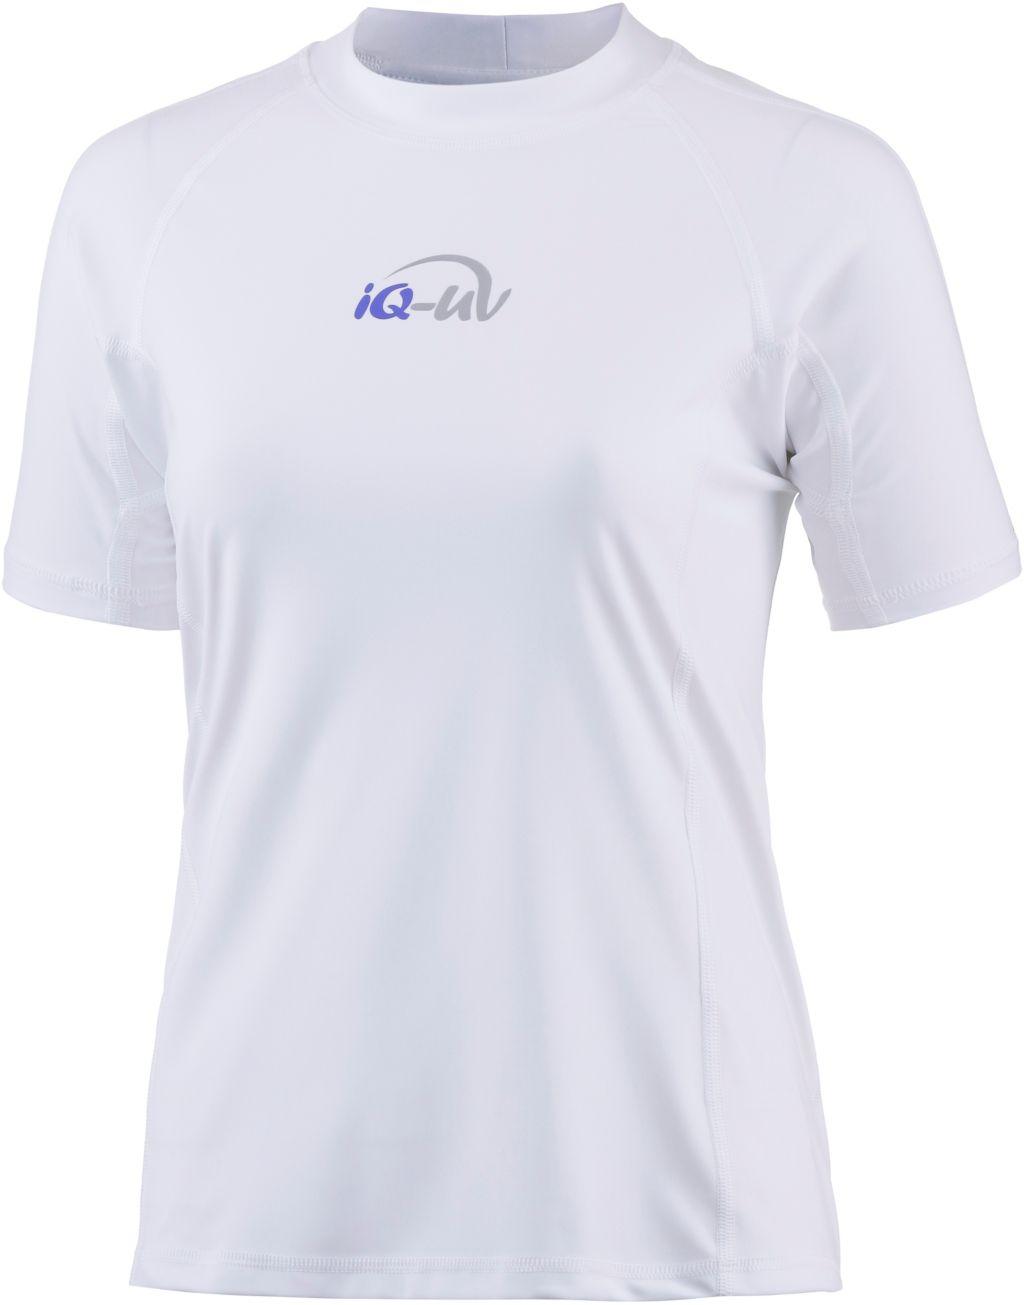 Surf Shirt Damen in weiß, Größe M